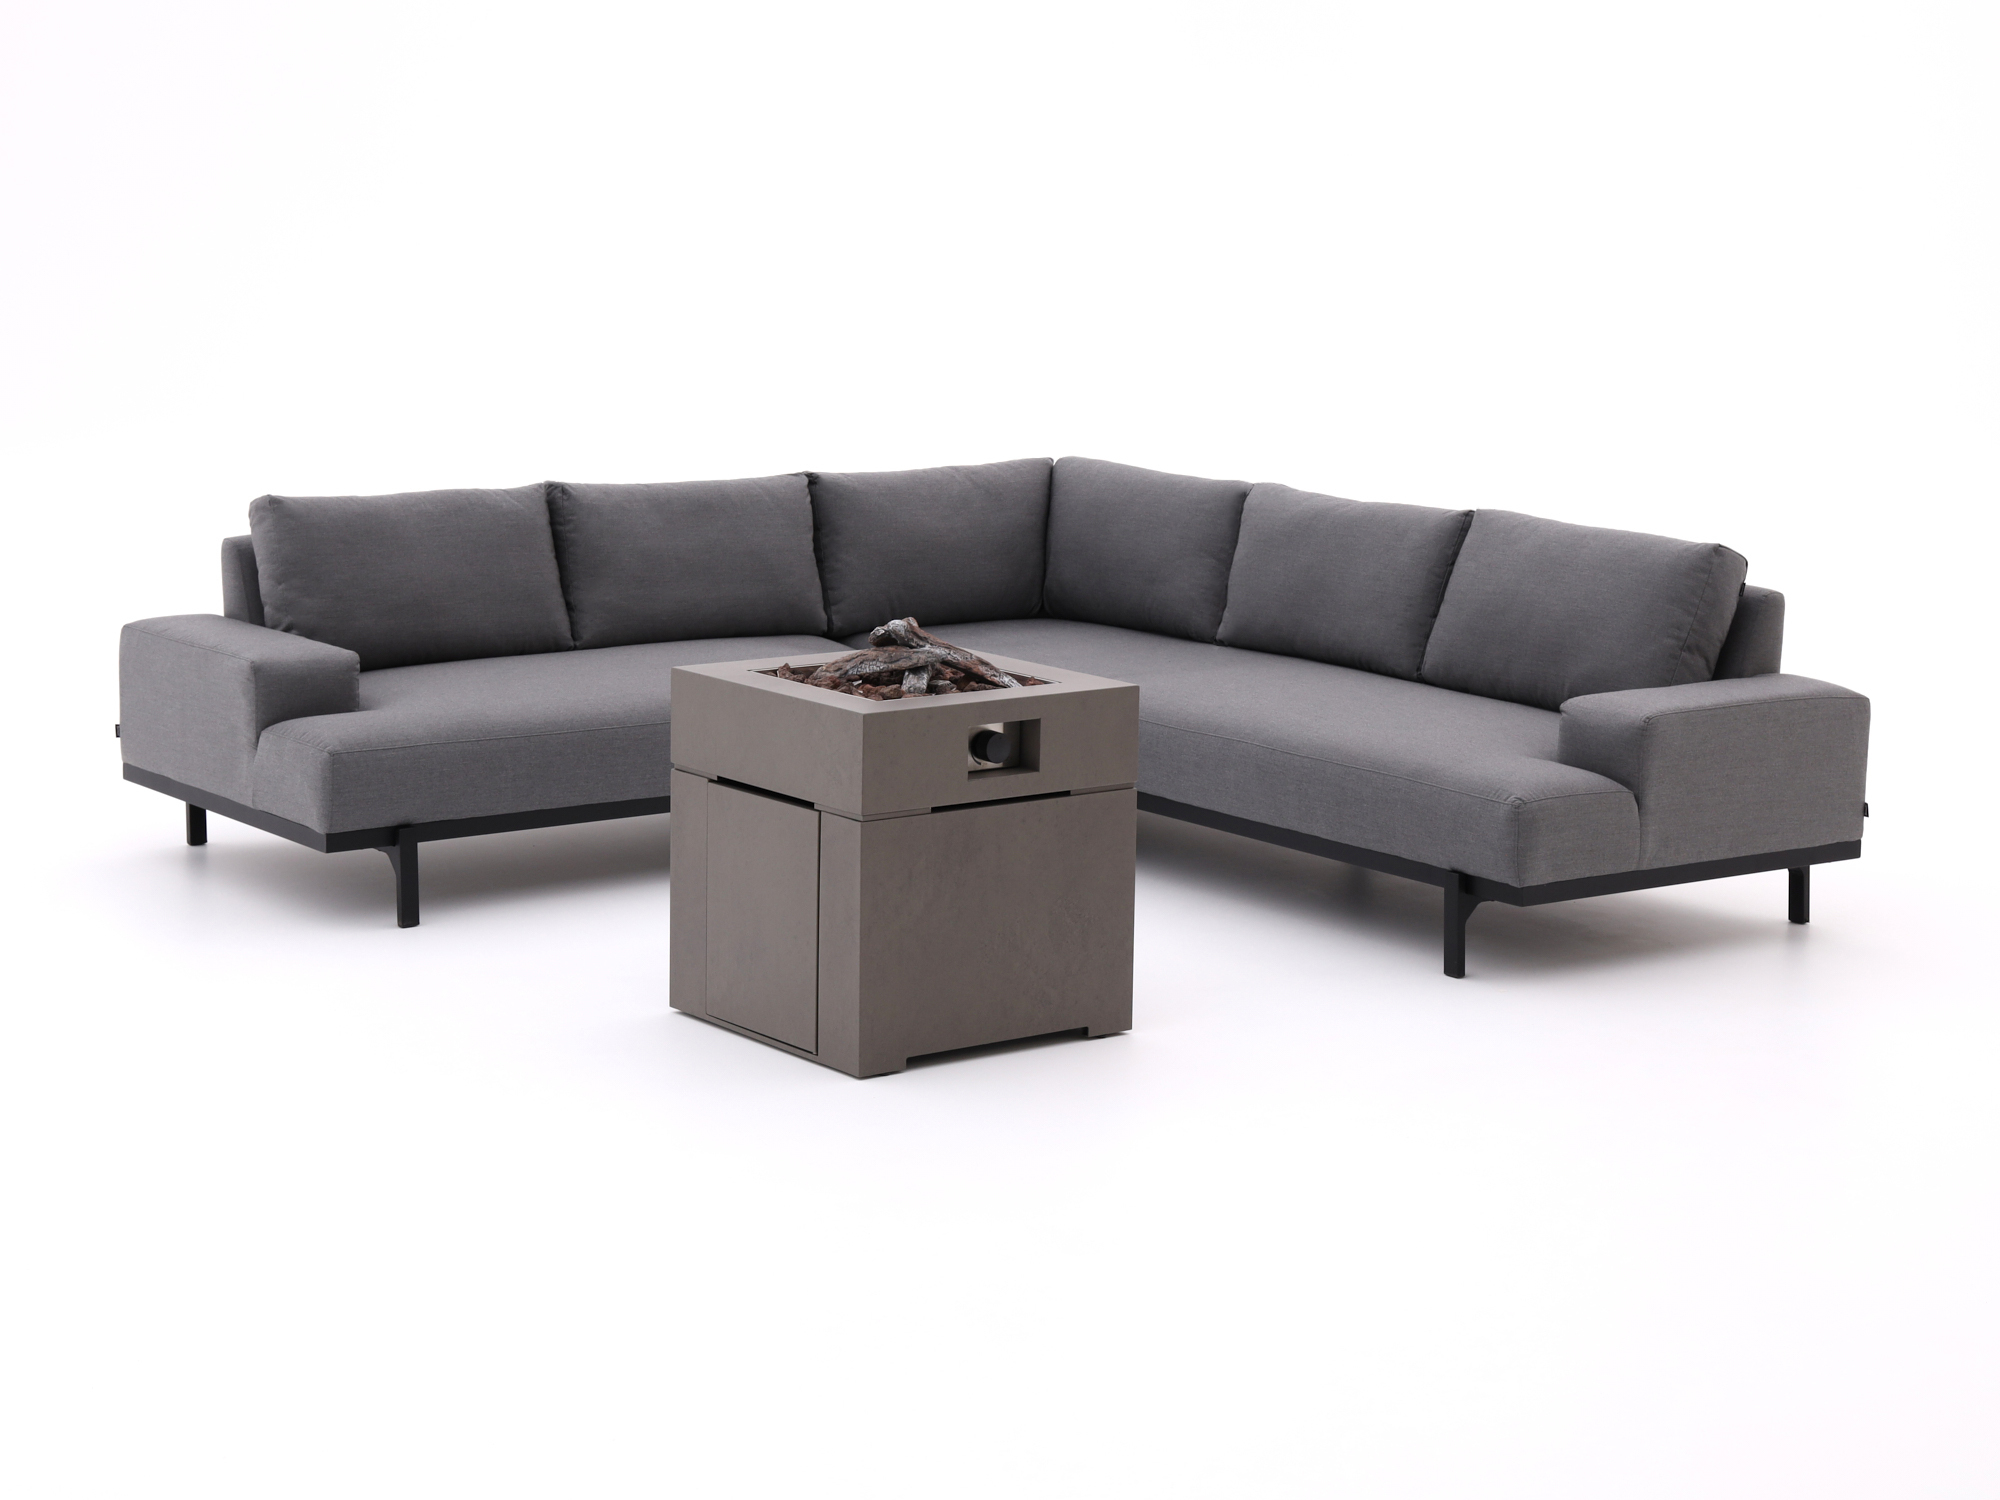 Hartman Lucas/Cosibrixx 60cm hoek loungeset 3-delig - Laagste prijsgarantie!